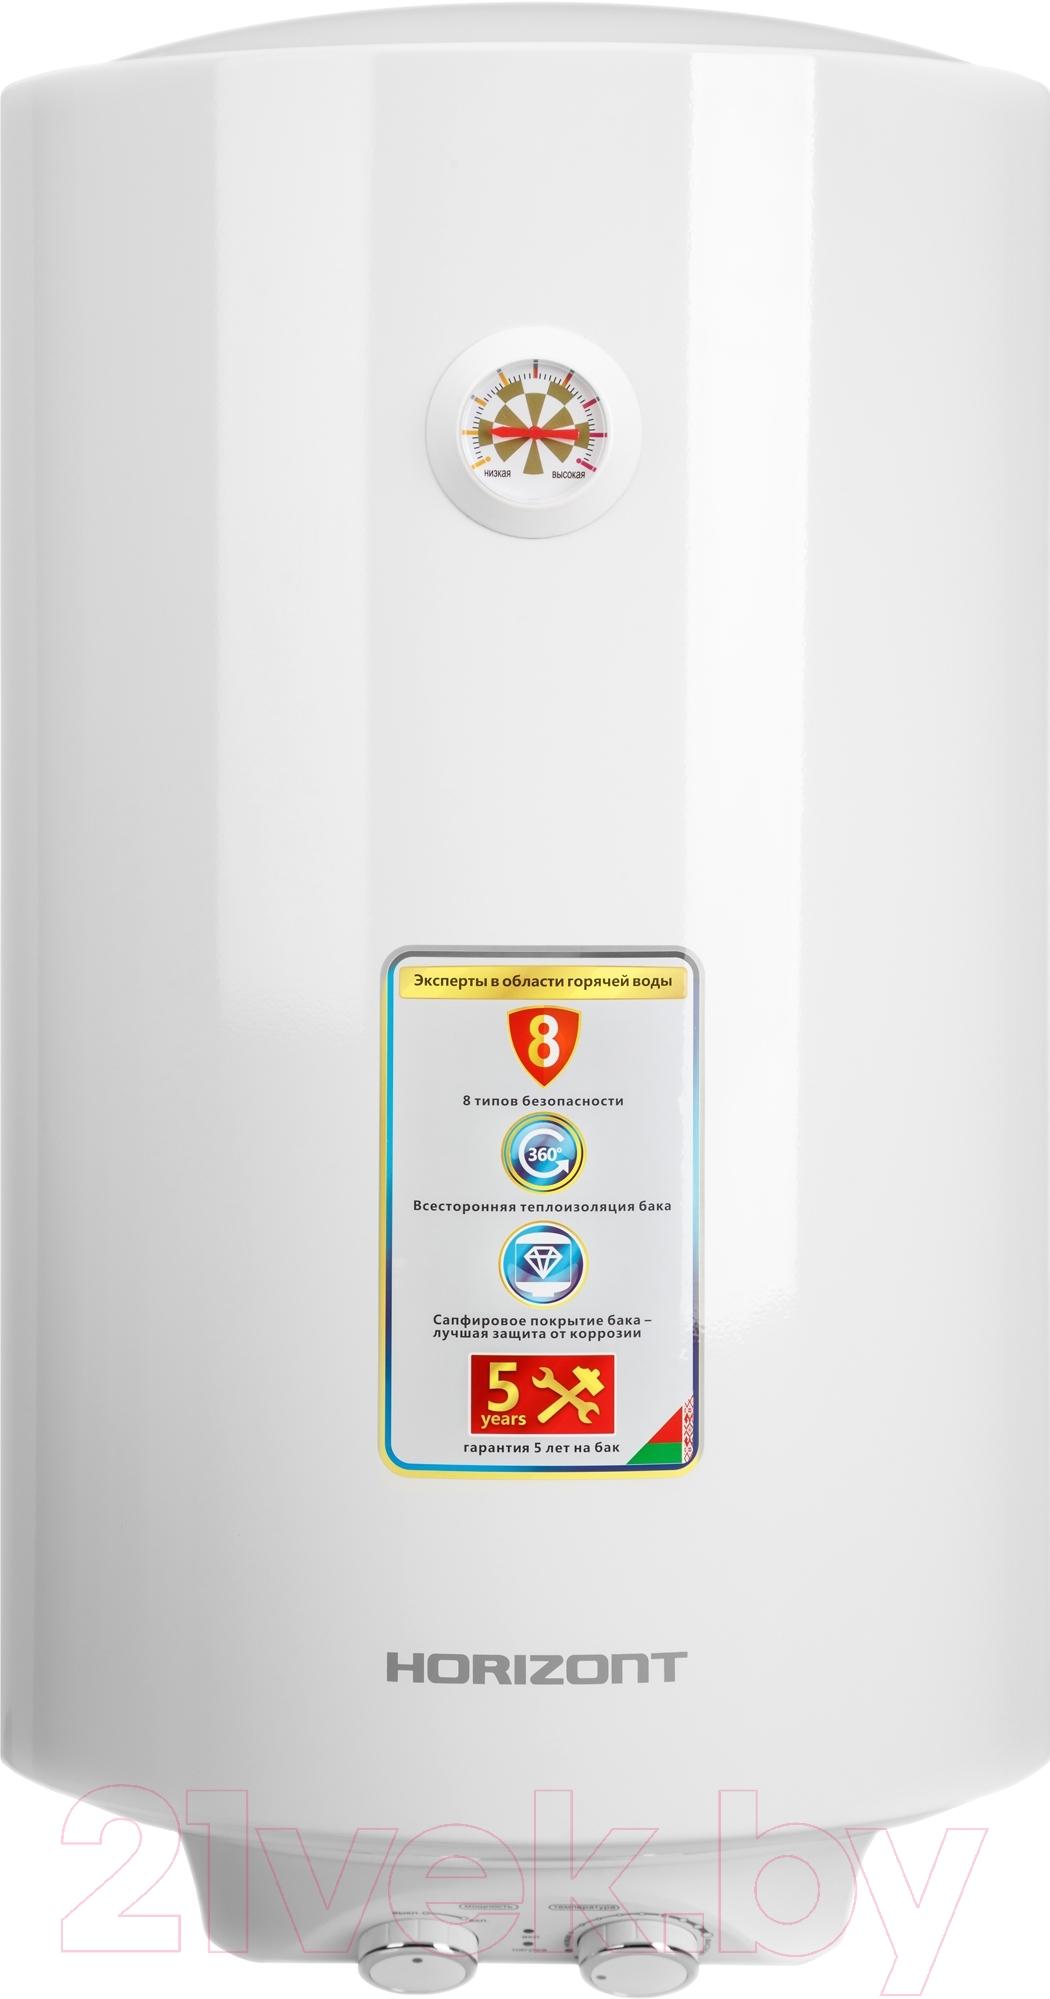 Купить Накопительный водонагреватель Horizont, 100EWS-15MZ, Беларусь